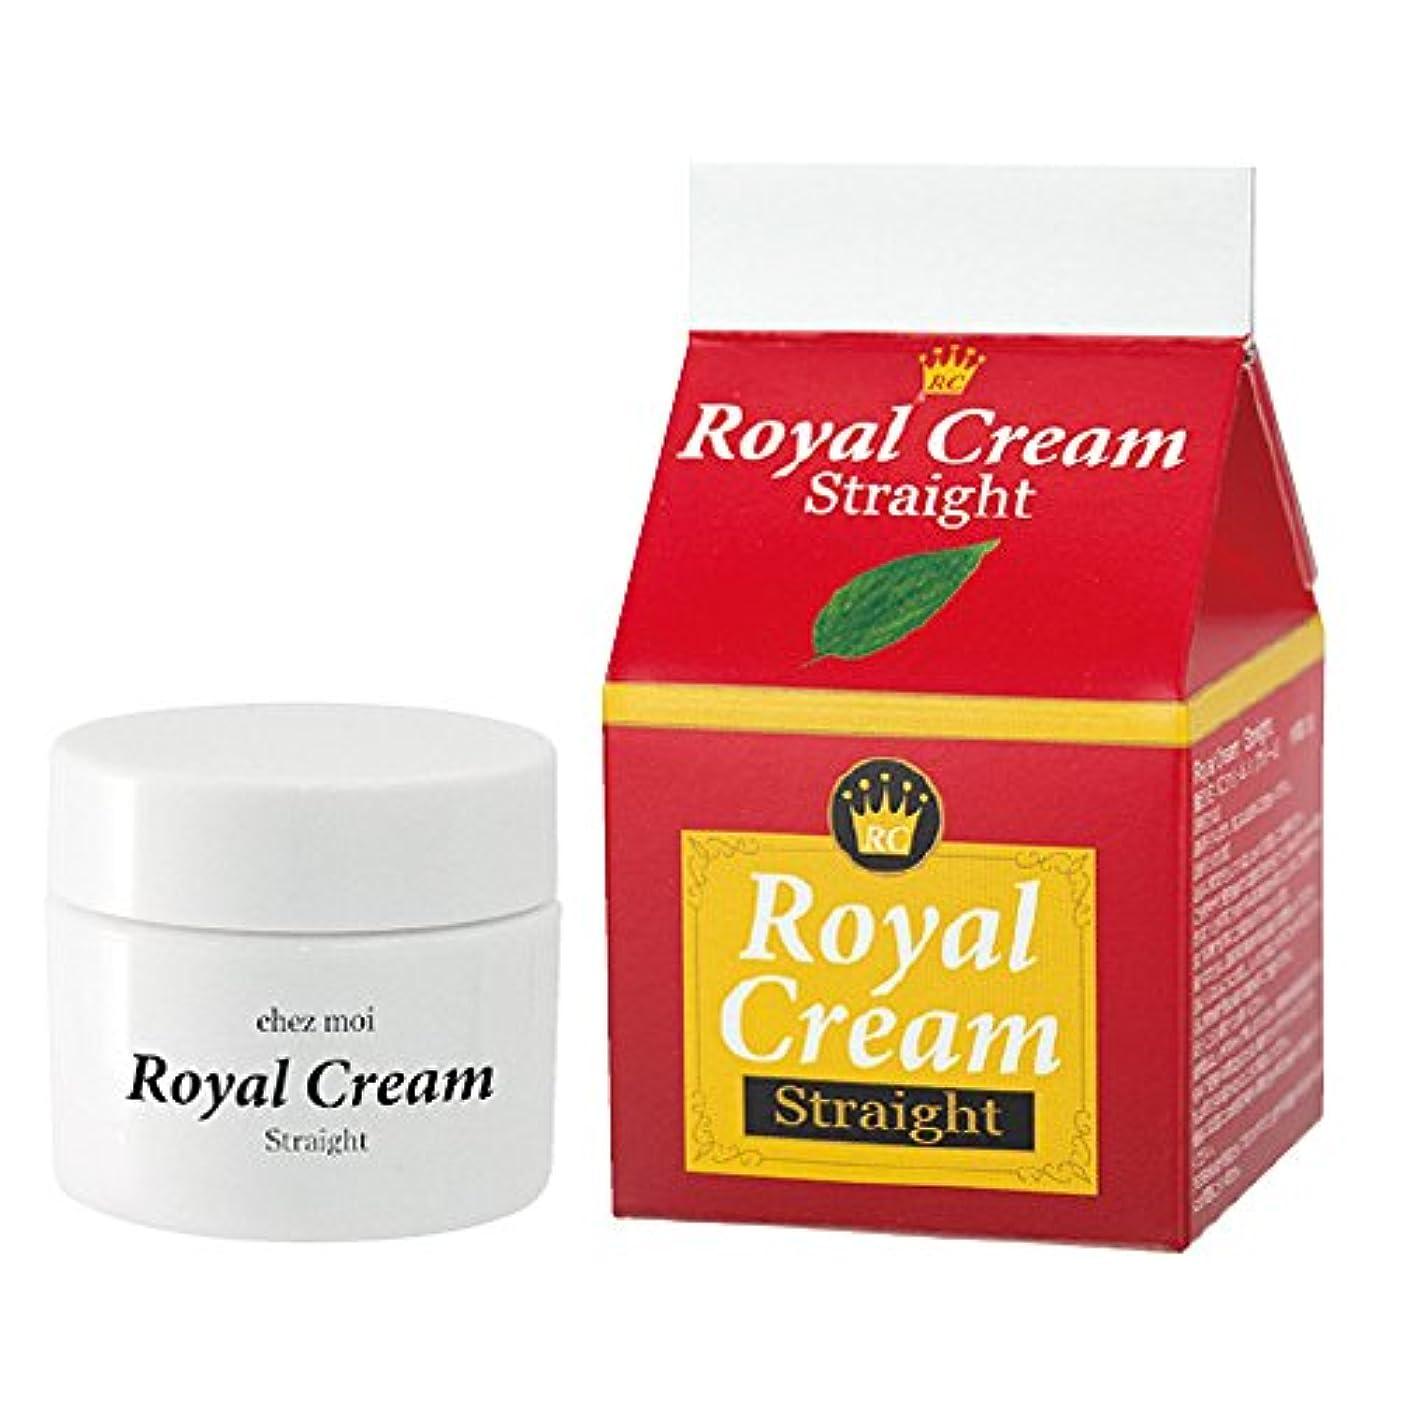 肥満オリエンタル発送シェモア Royal Cream Straight(ロイヤルクリームストレート) 30g